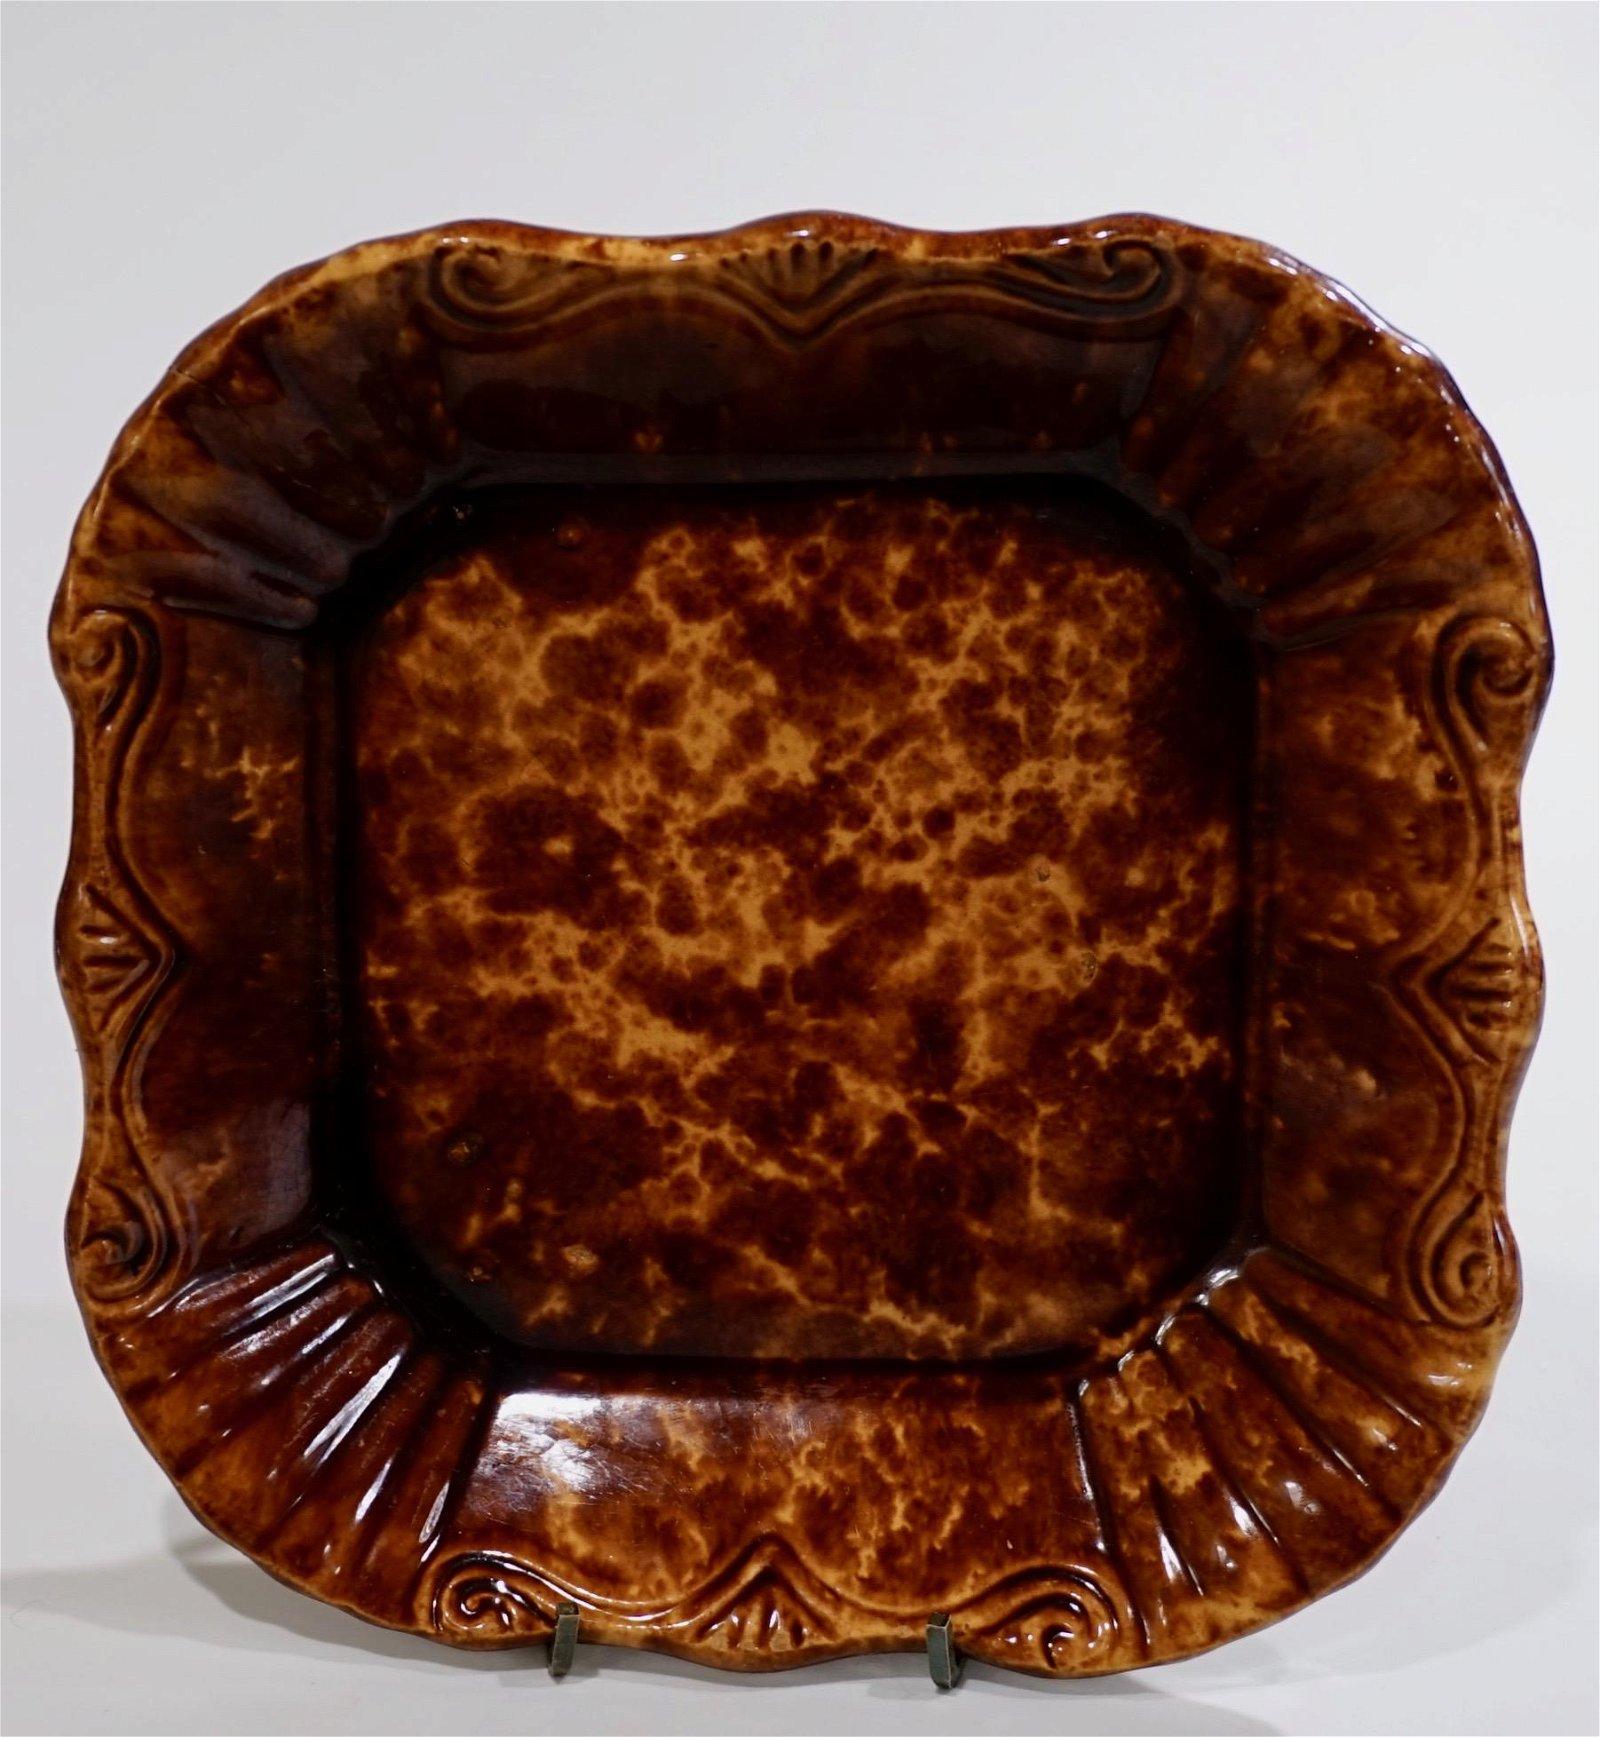 Antique Rockingham Glaze Brownware Pottery Mid 19th C